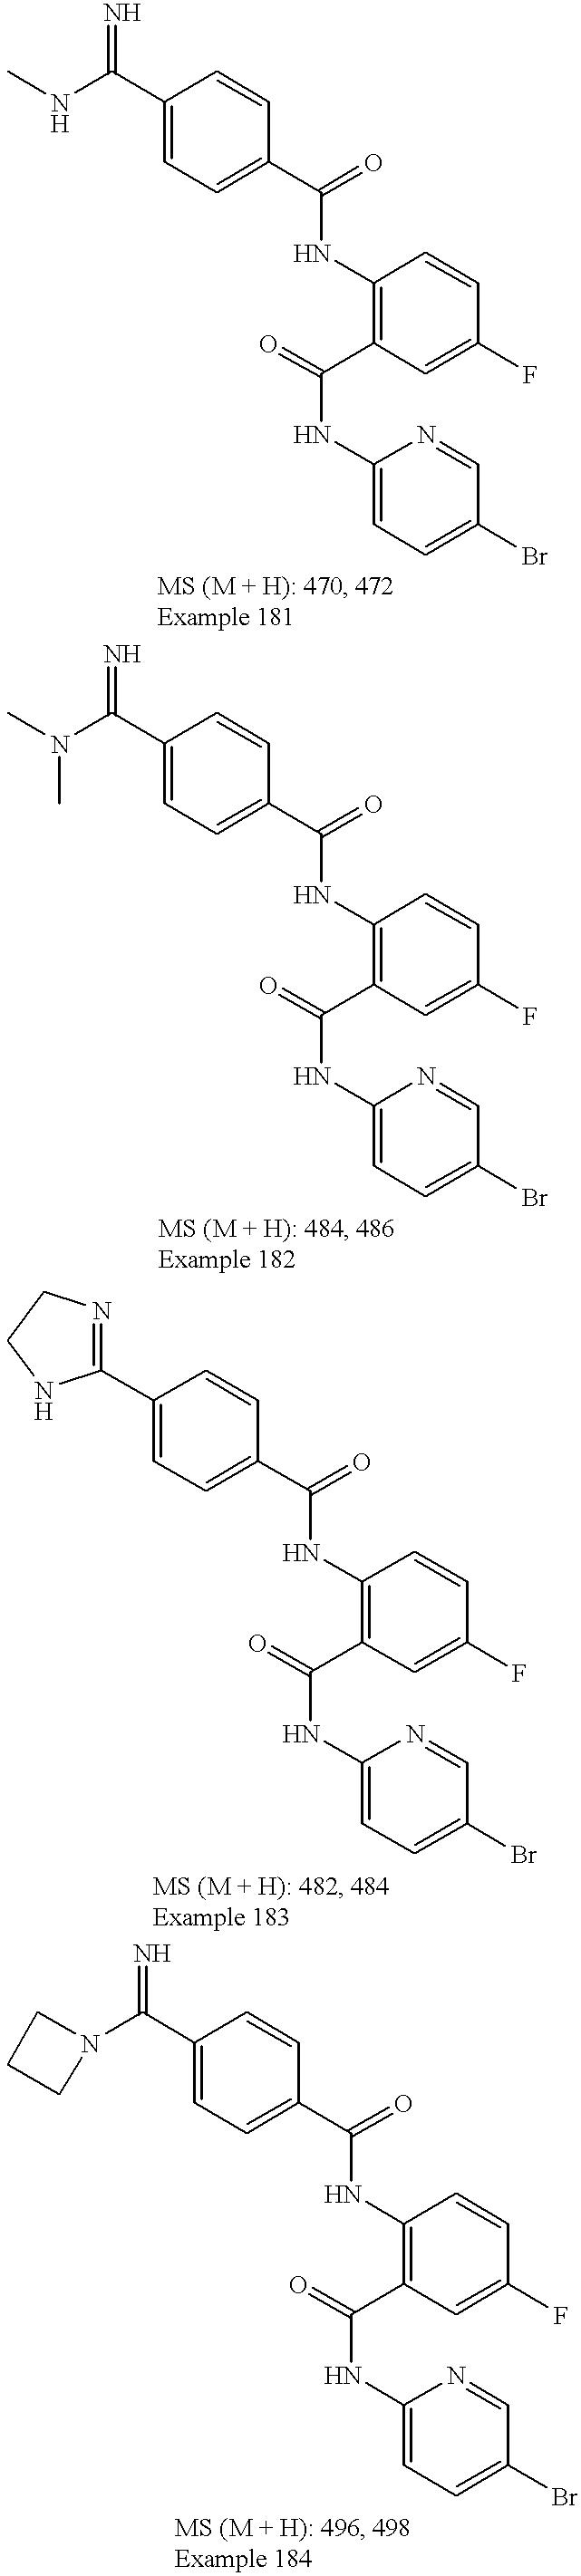 Figure US06376515-20020423-C00341